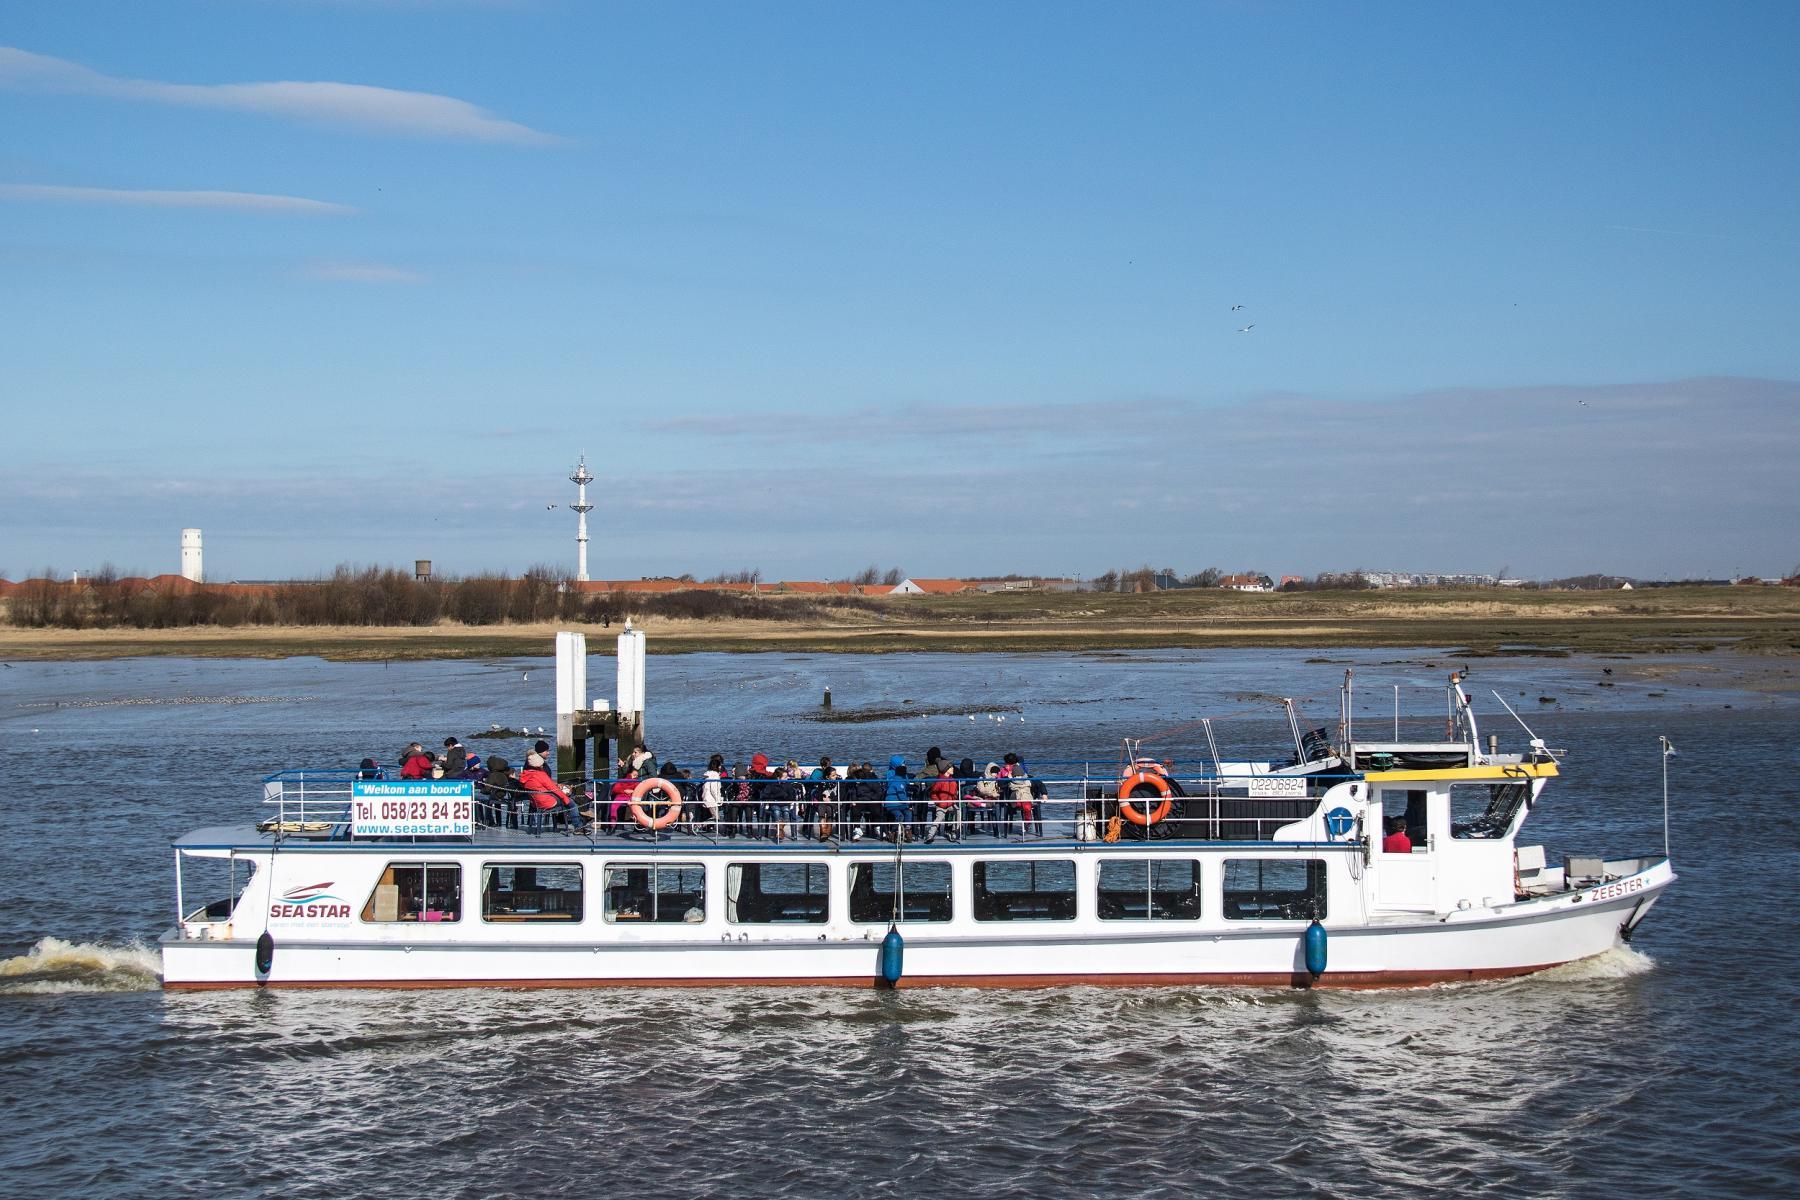 Visit Nieuwpoort Water experience Seastar